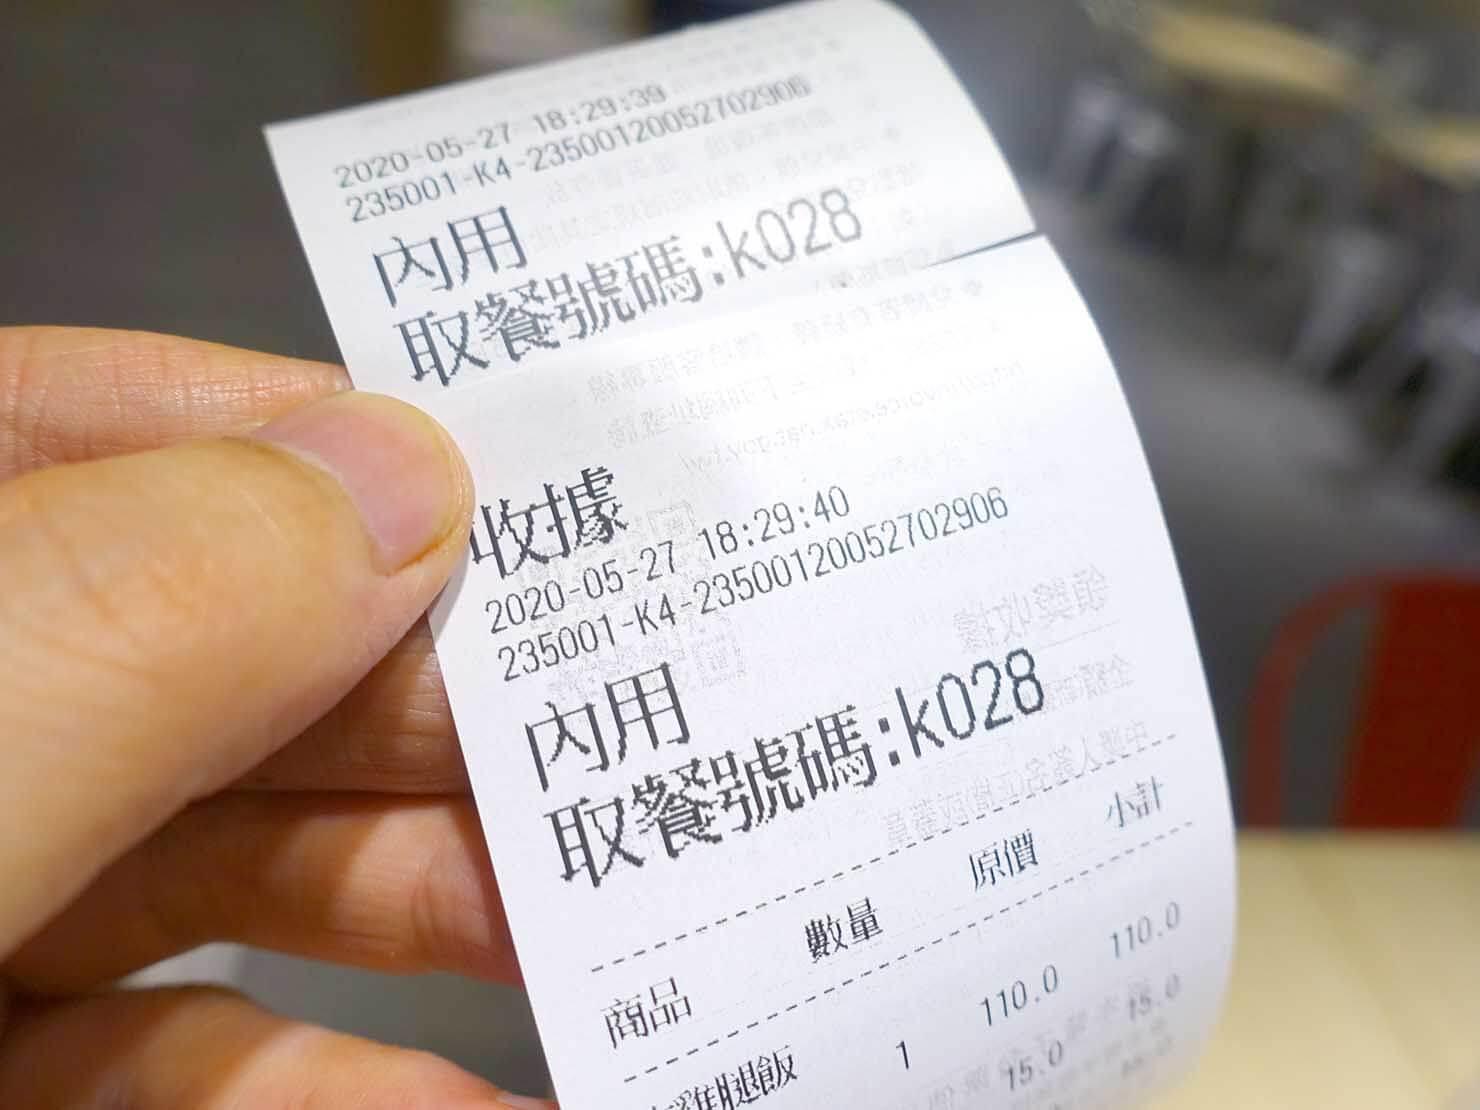 台湾のグルメチェーン店「梁社漢排骨」のレシート